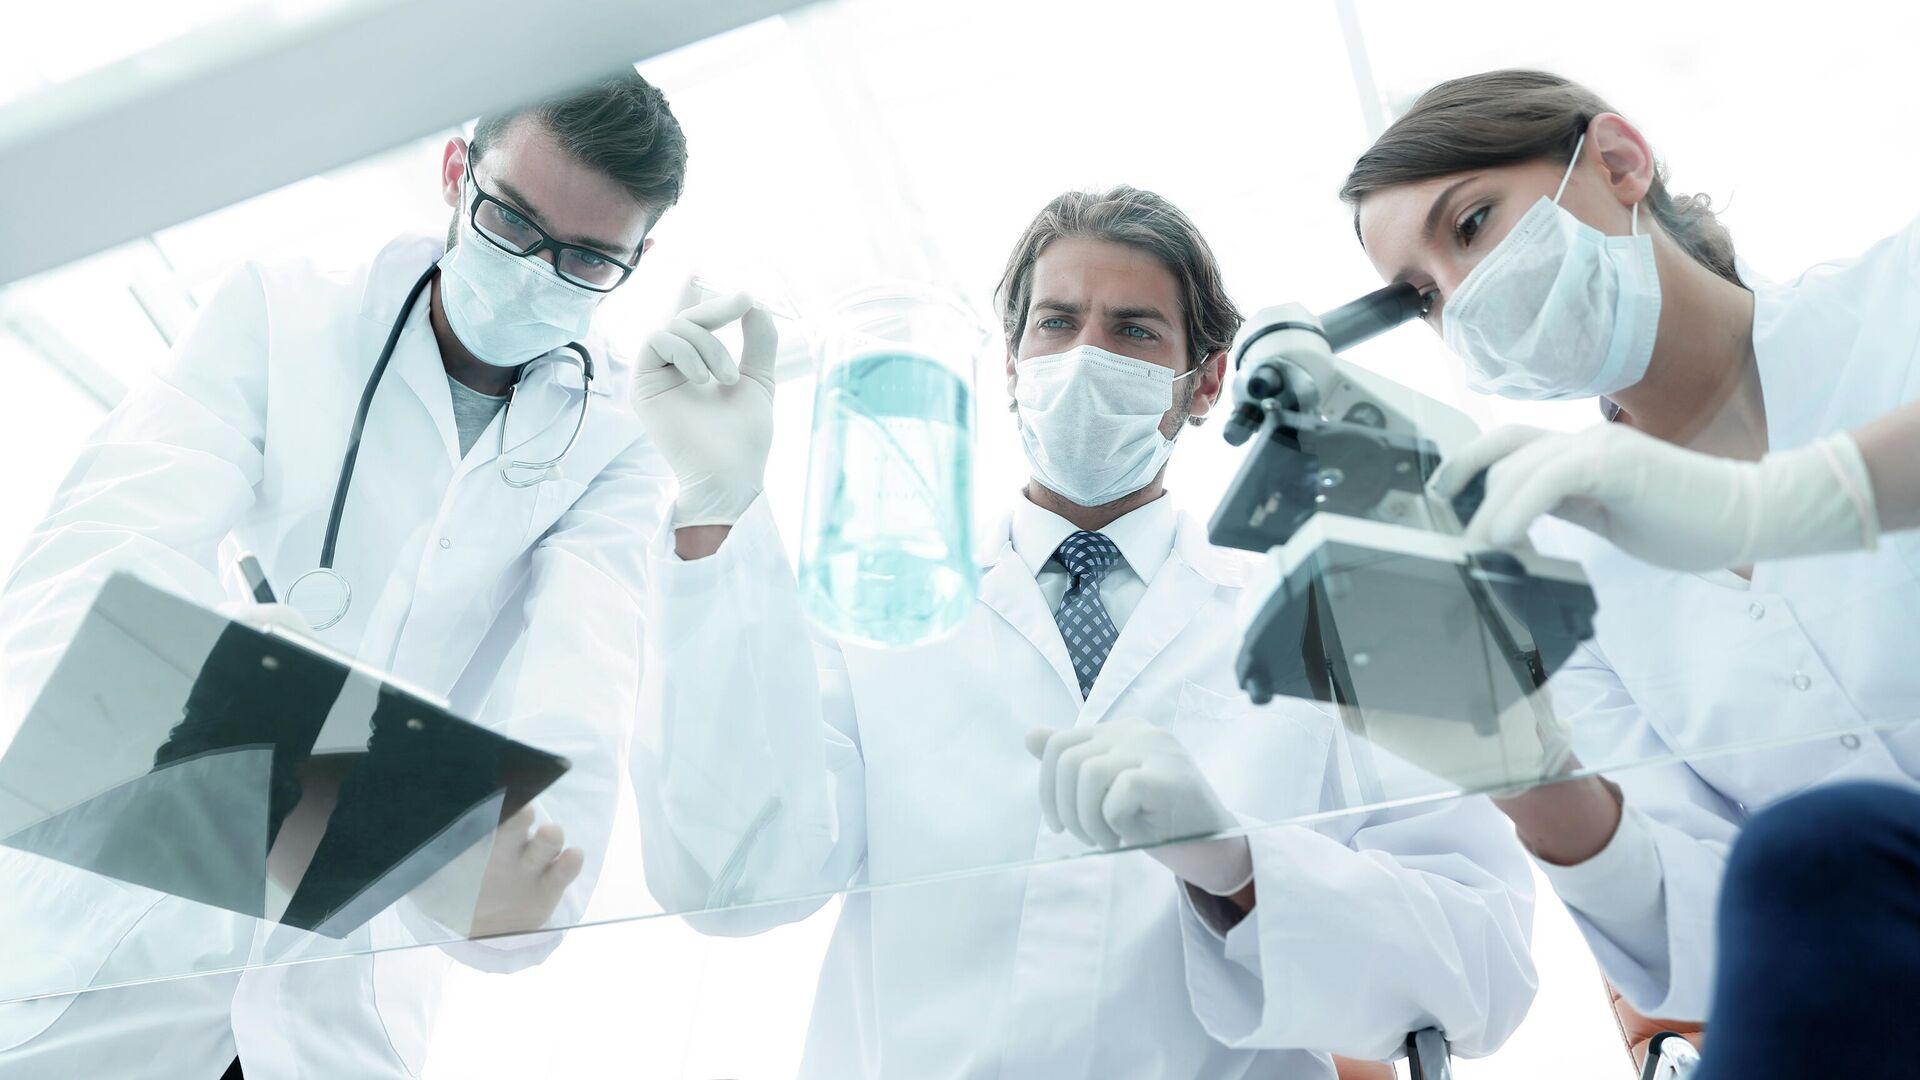 Ученые работают в лаборатории - РИА Новости, 1920, 21.07.2021